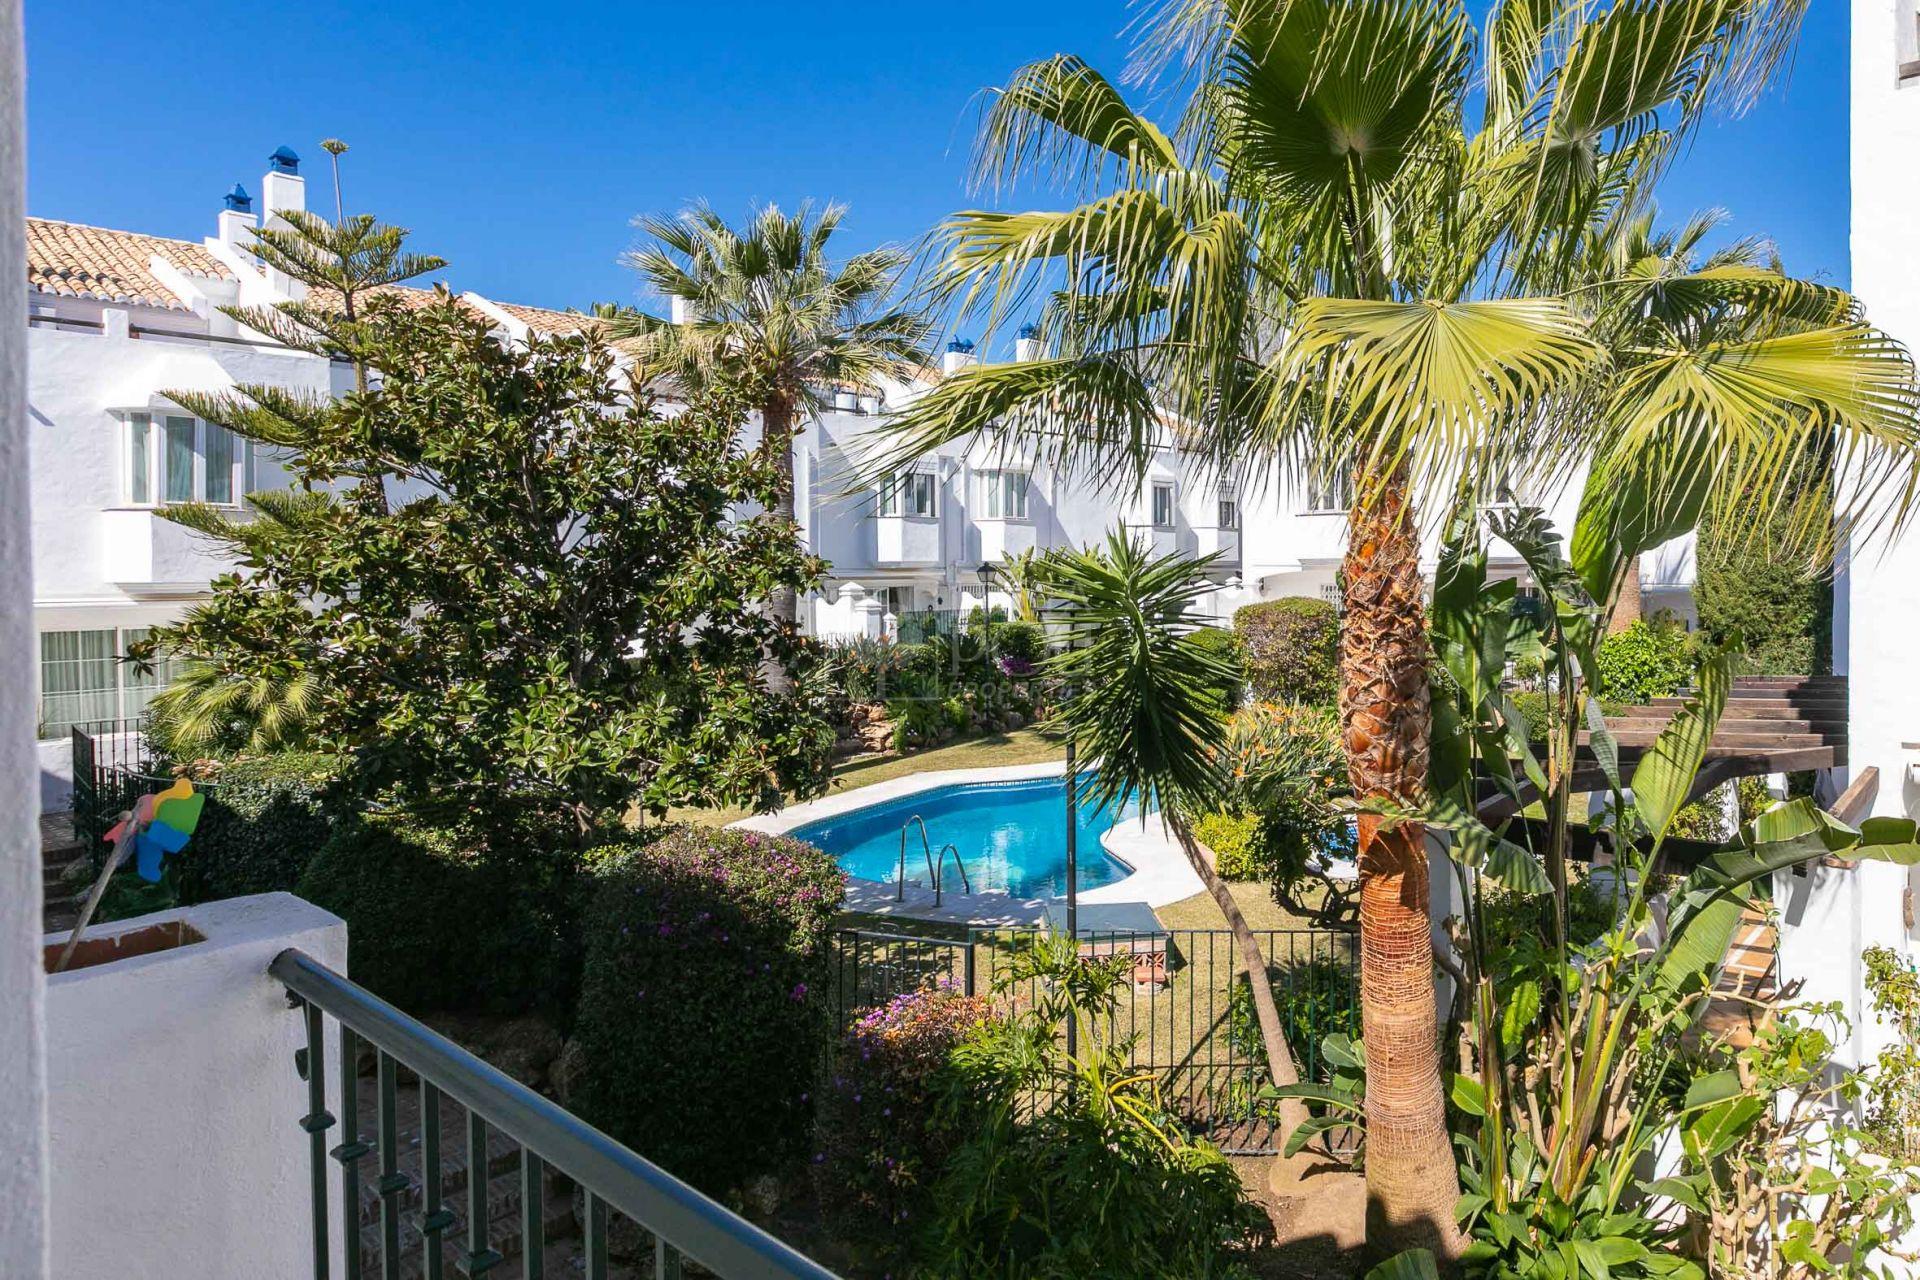 Adosado  en Marbella Golden Mile, Marbella